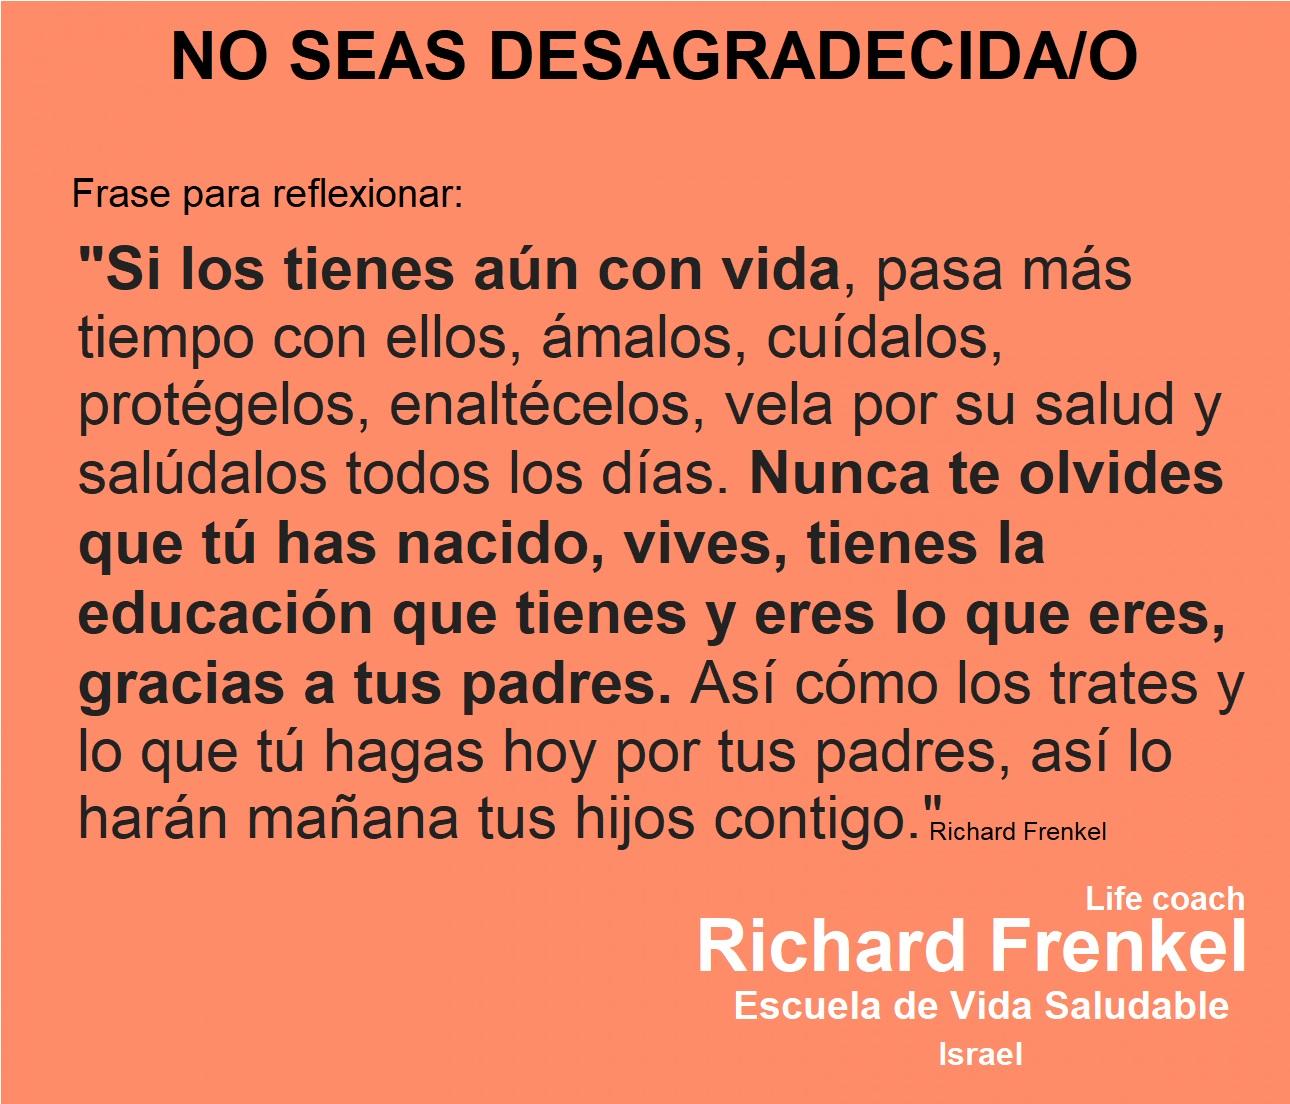 Richard Frenkel No Seas Desagradecidao